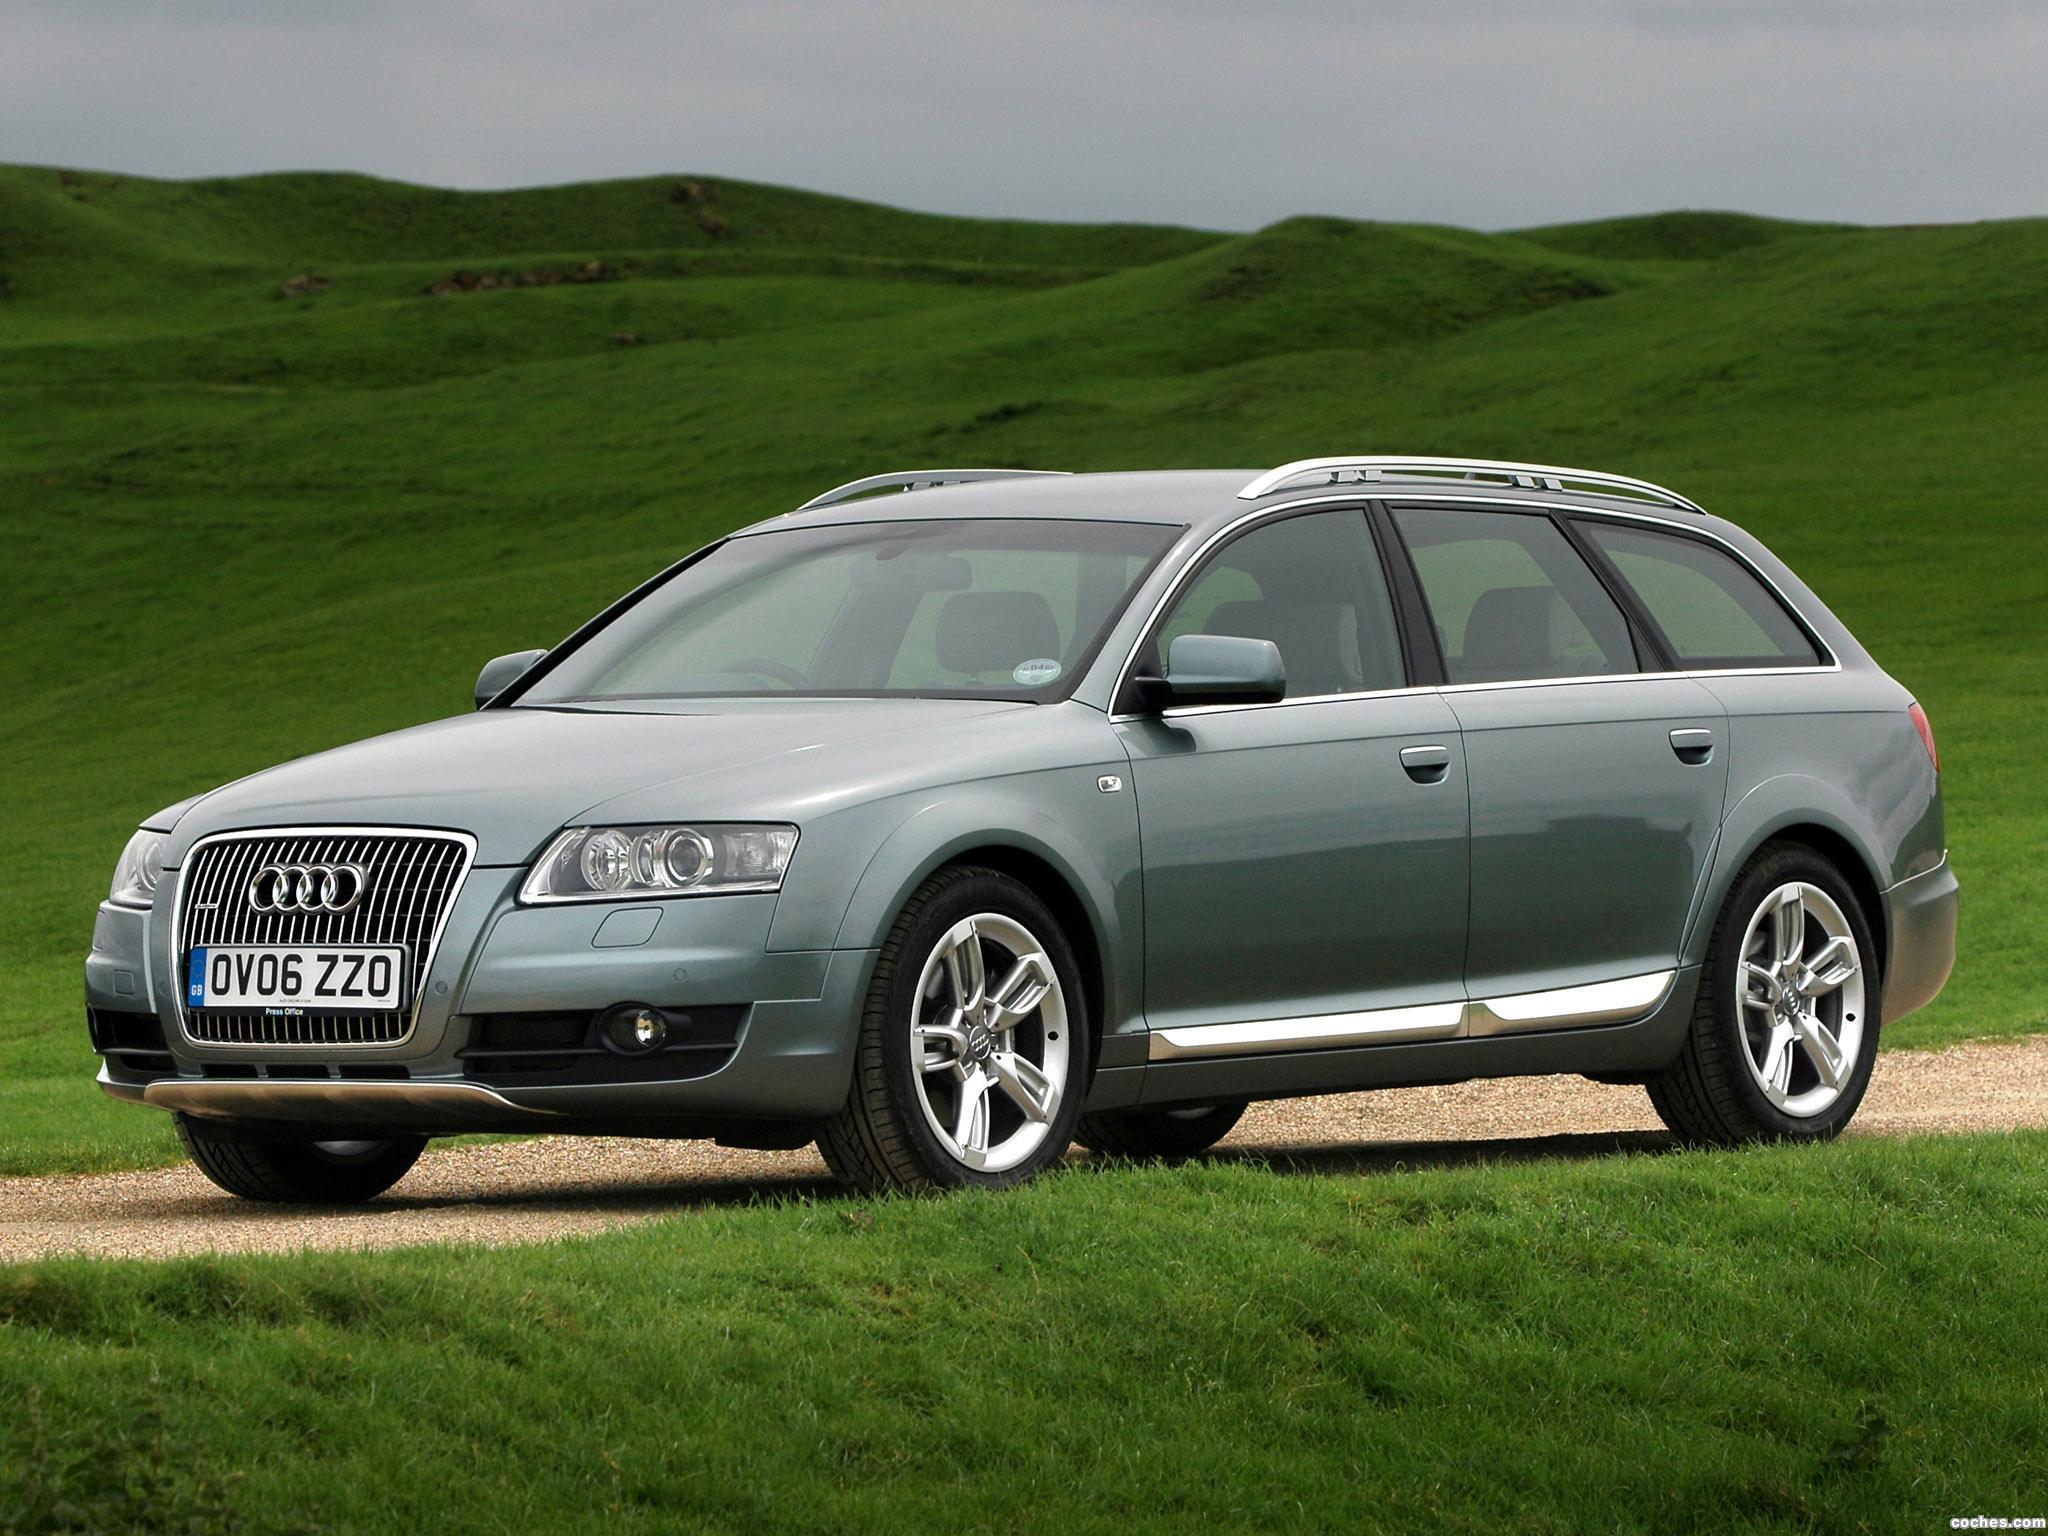 Foto 0 de Audi A6 Allroad 2.7 TDI Quattro UK 2008